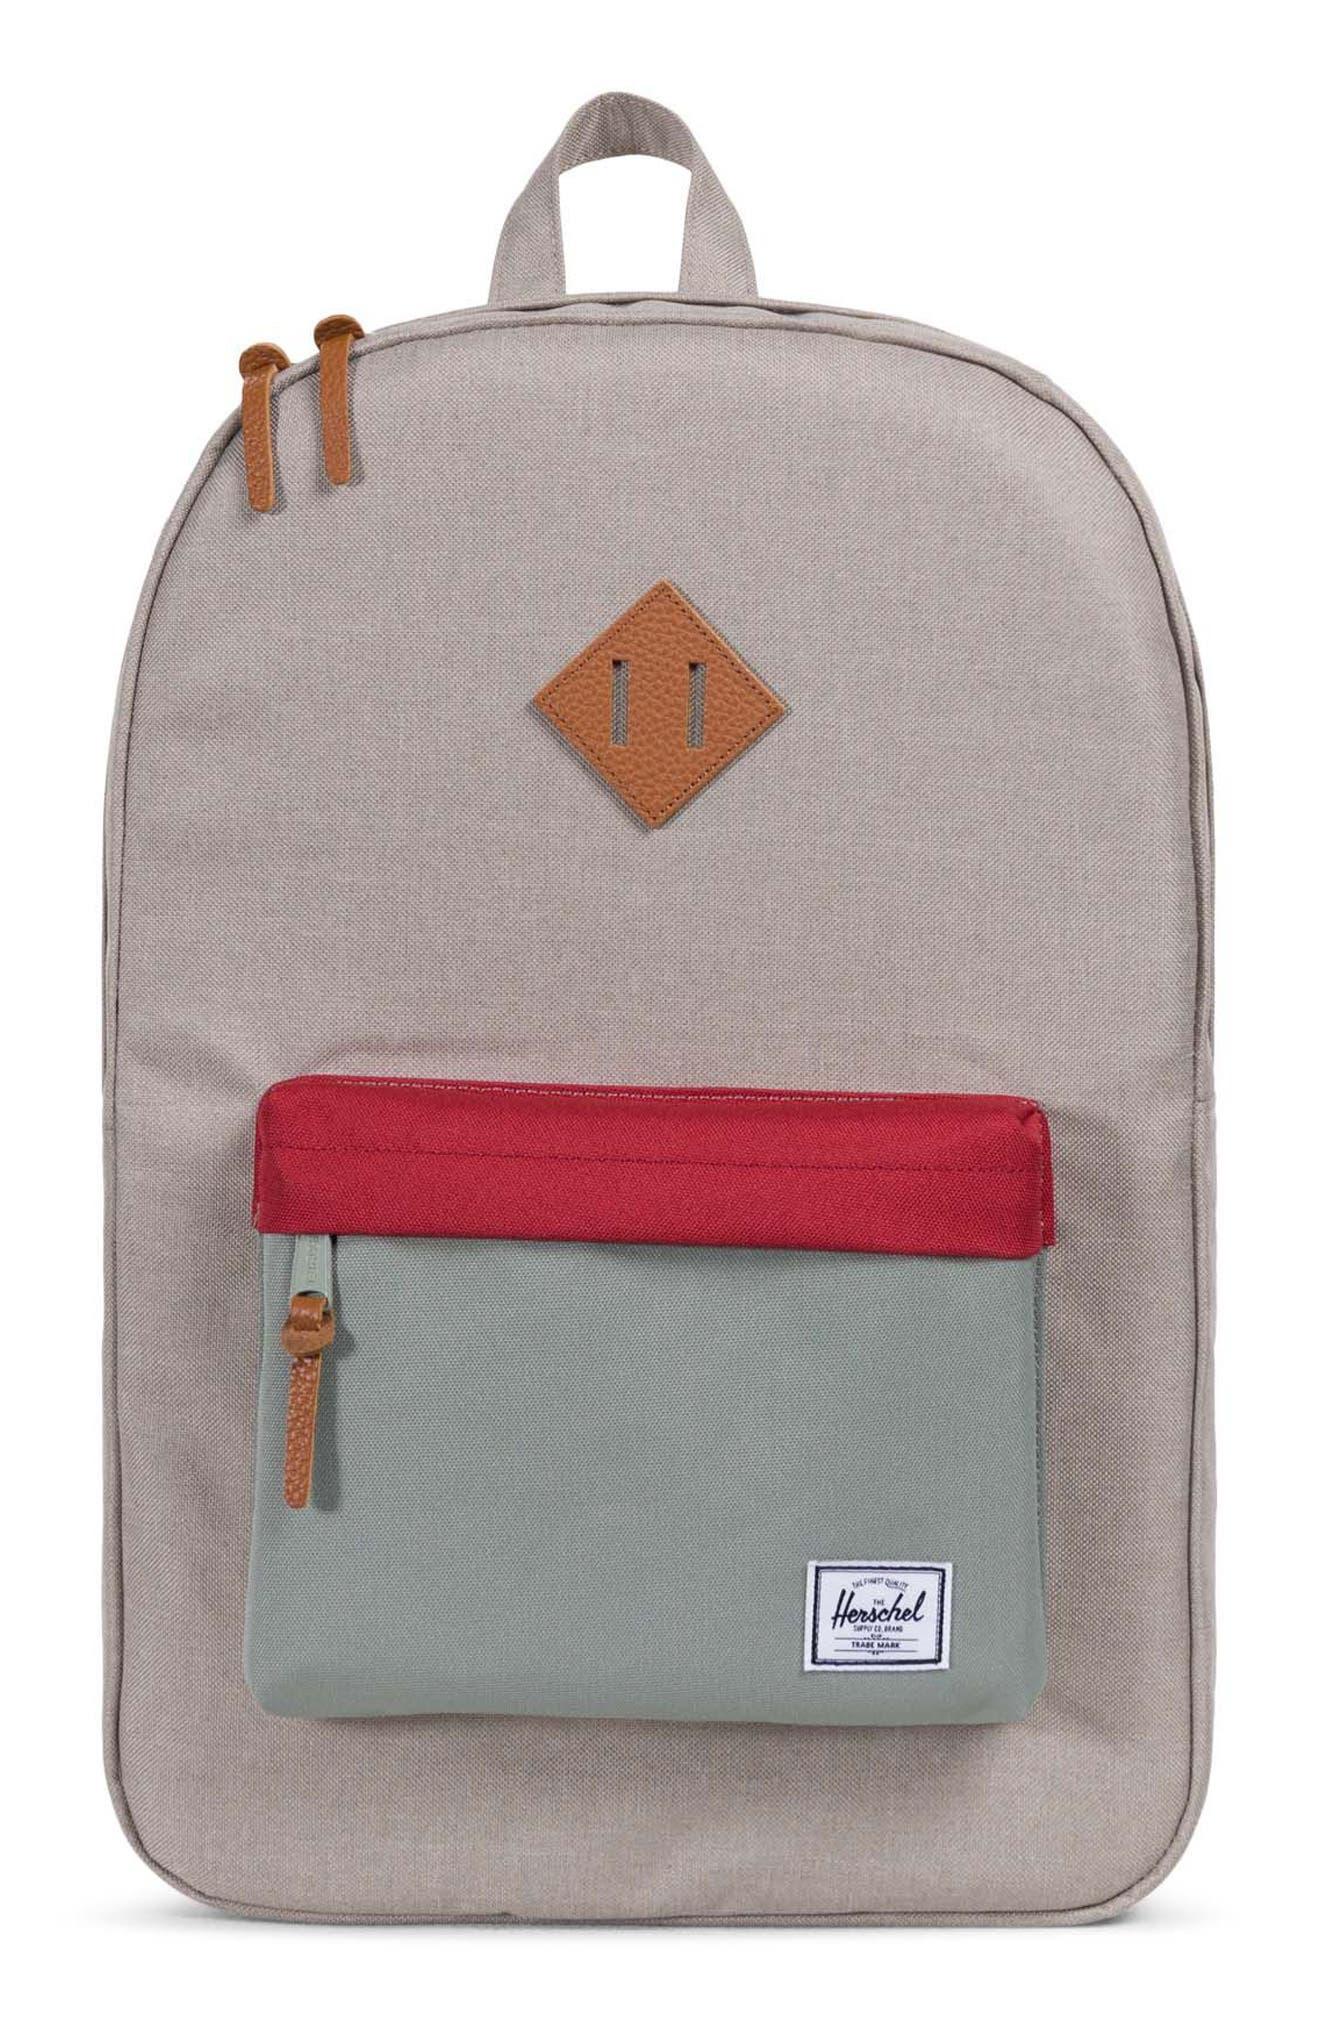 Heritage Backpack,                             Main thumbnail 1, color,                             Khaki/ Shadow/ Brick Red/ Tan